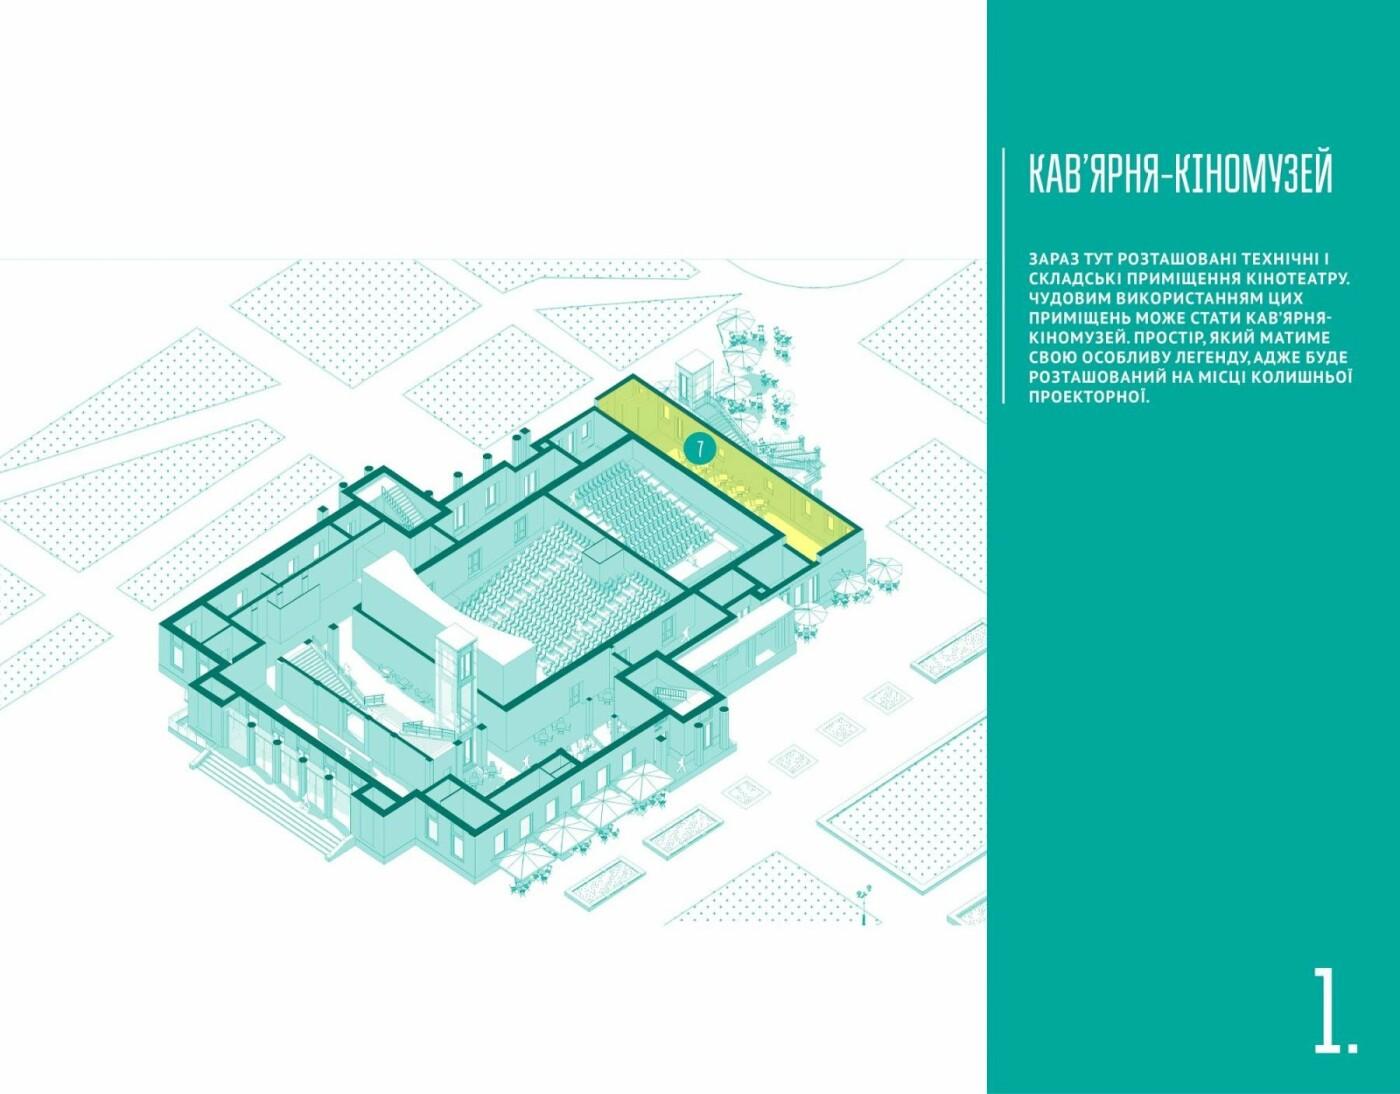 Концепція розвитку: яким буде кінотеатр Шевченка в майбутньому, фото-15